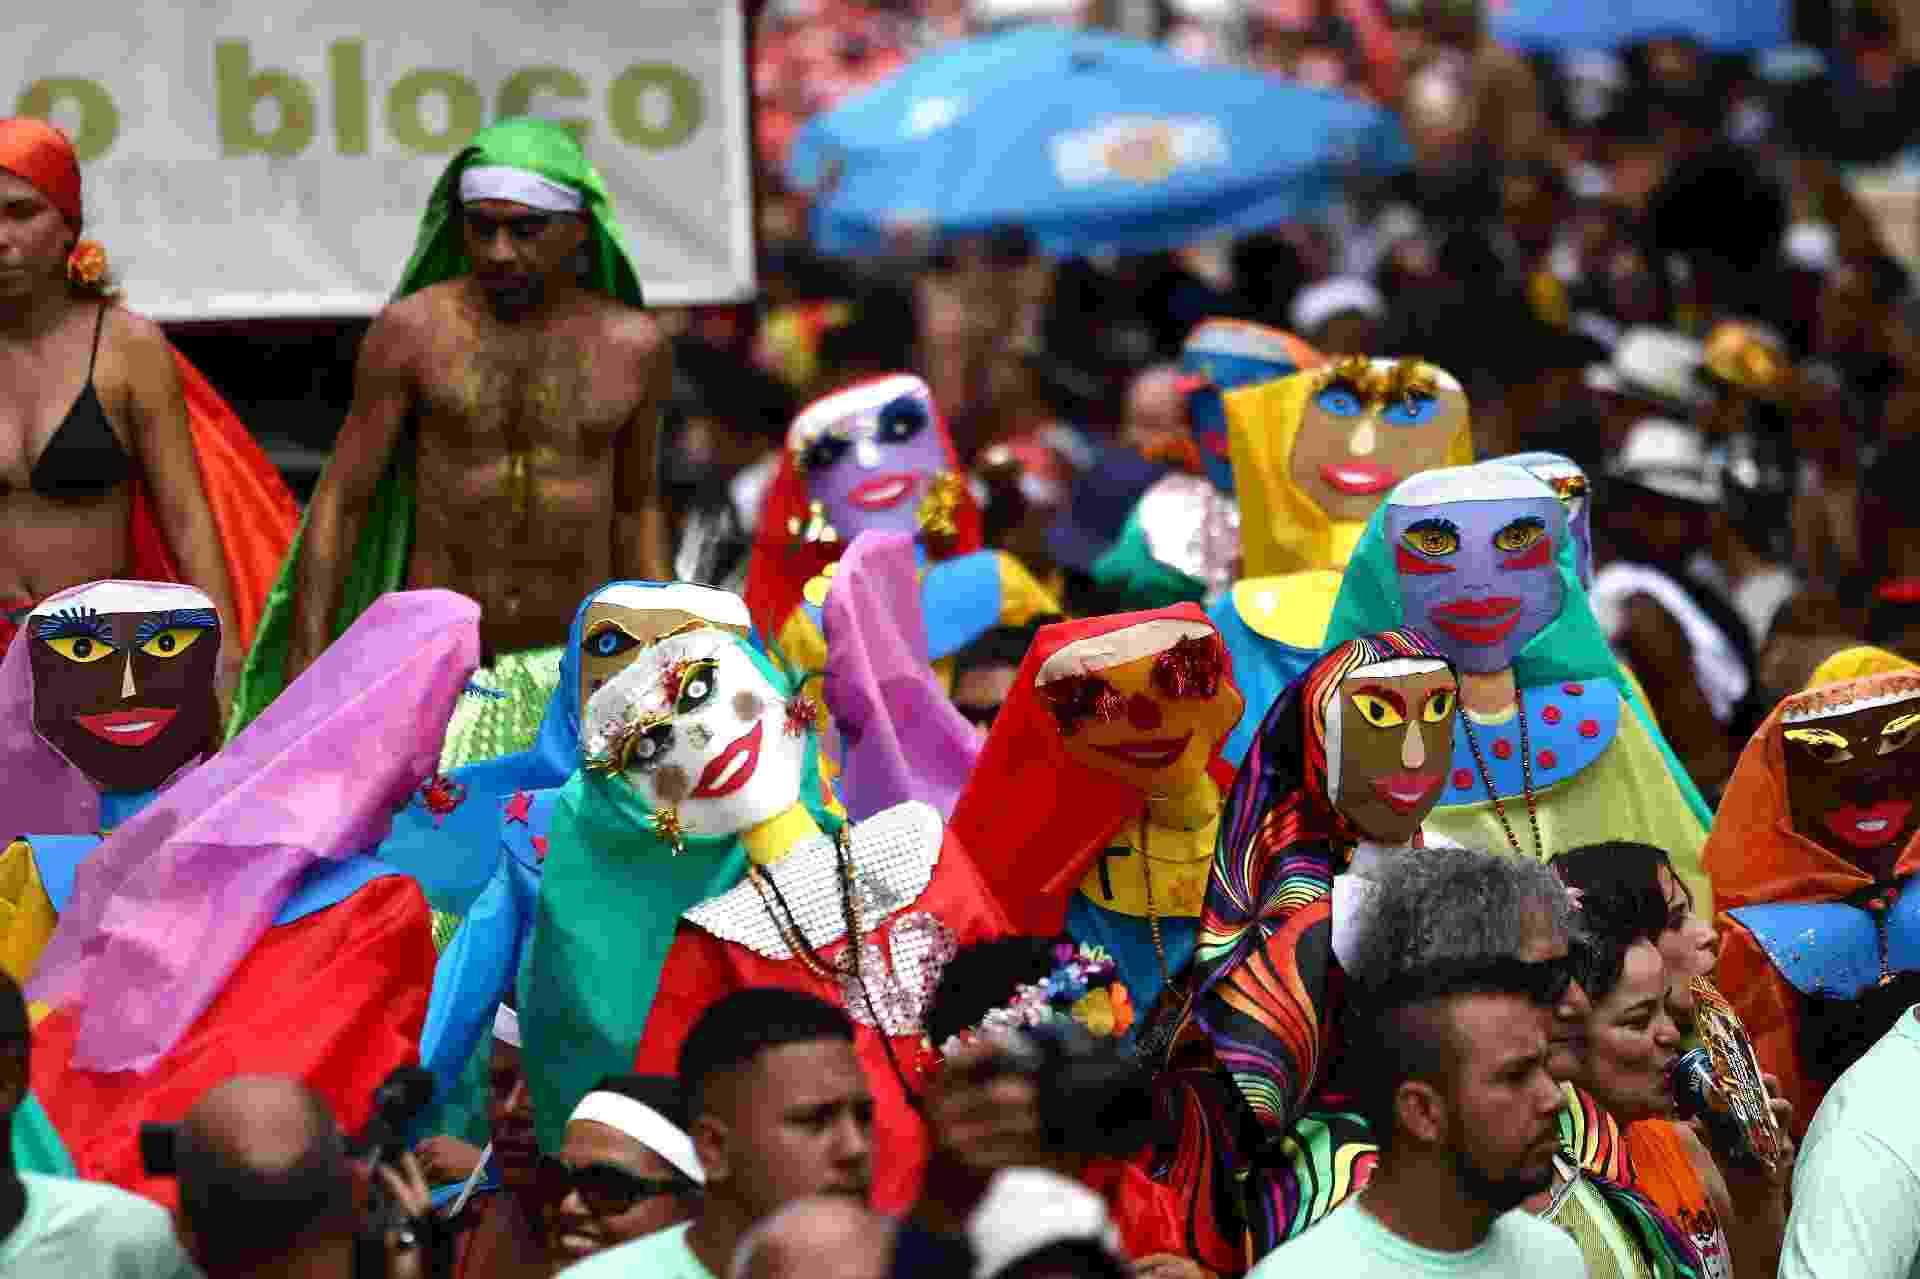 24.fev.2017 - Foliões na concentração do Bloco das Carmelitas em Santa Teresa, na região central do Rio de Janeiro - Fábio Motta/Estadão Conteúdo